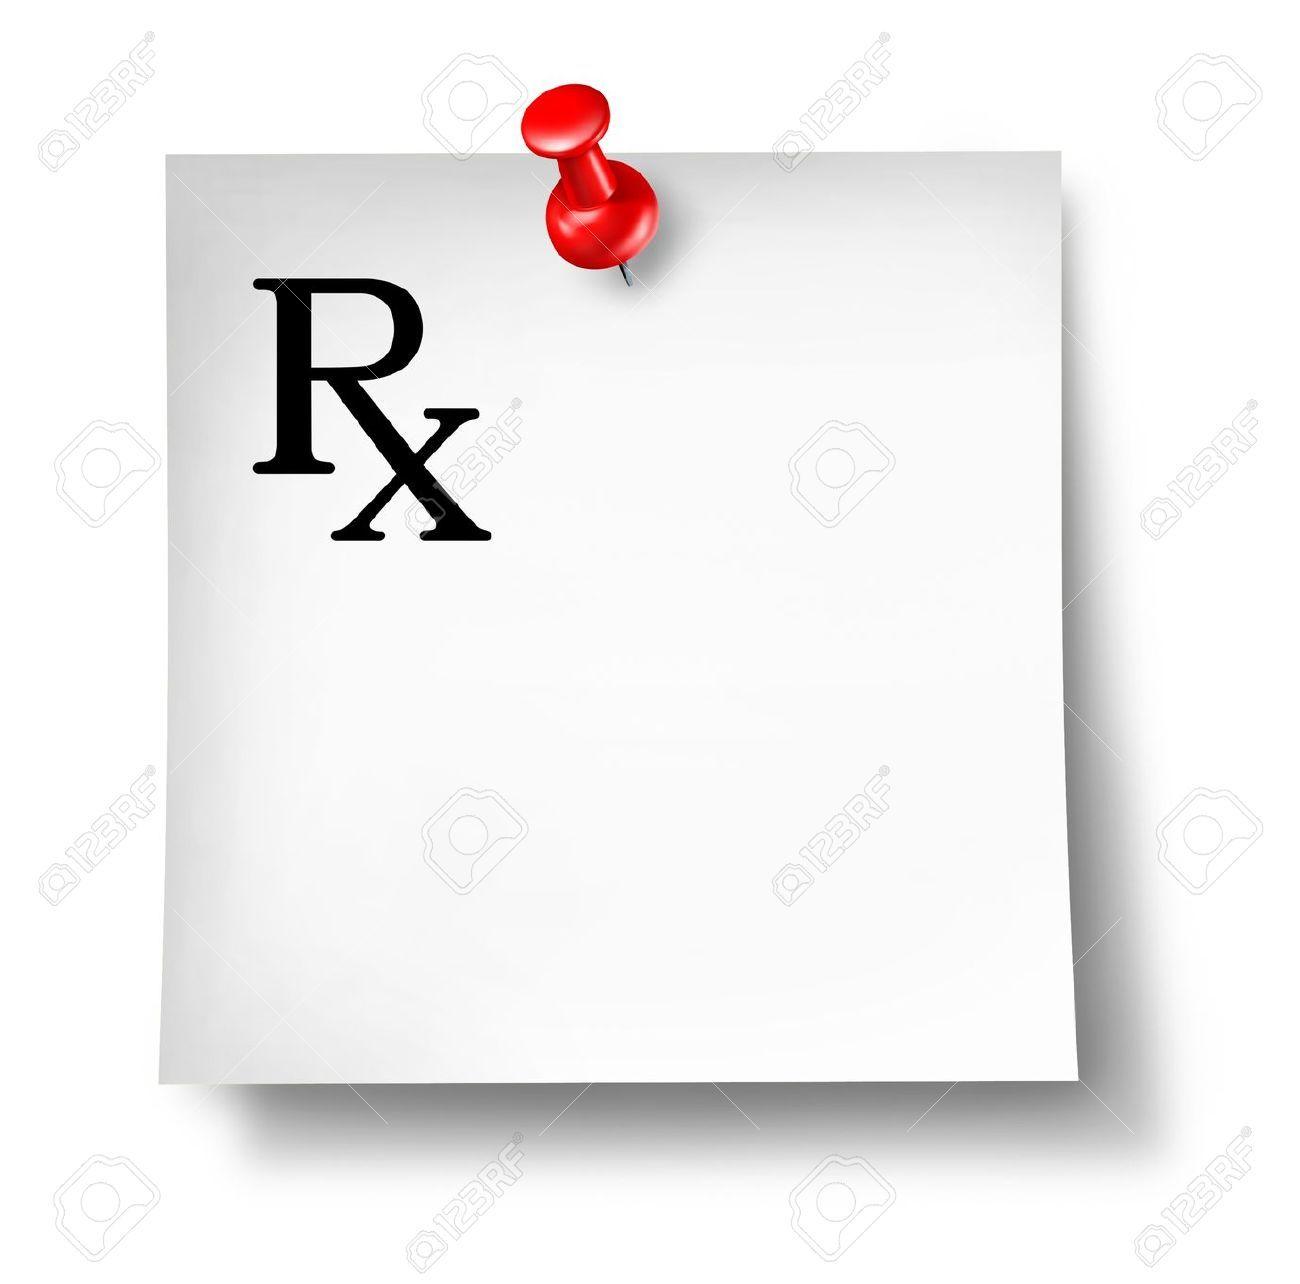 Prescription pad clipart 2 » Clipart Portal.